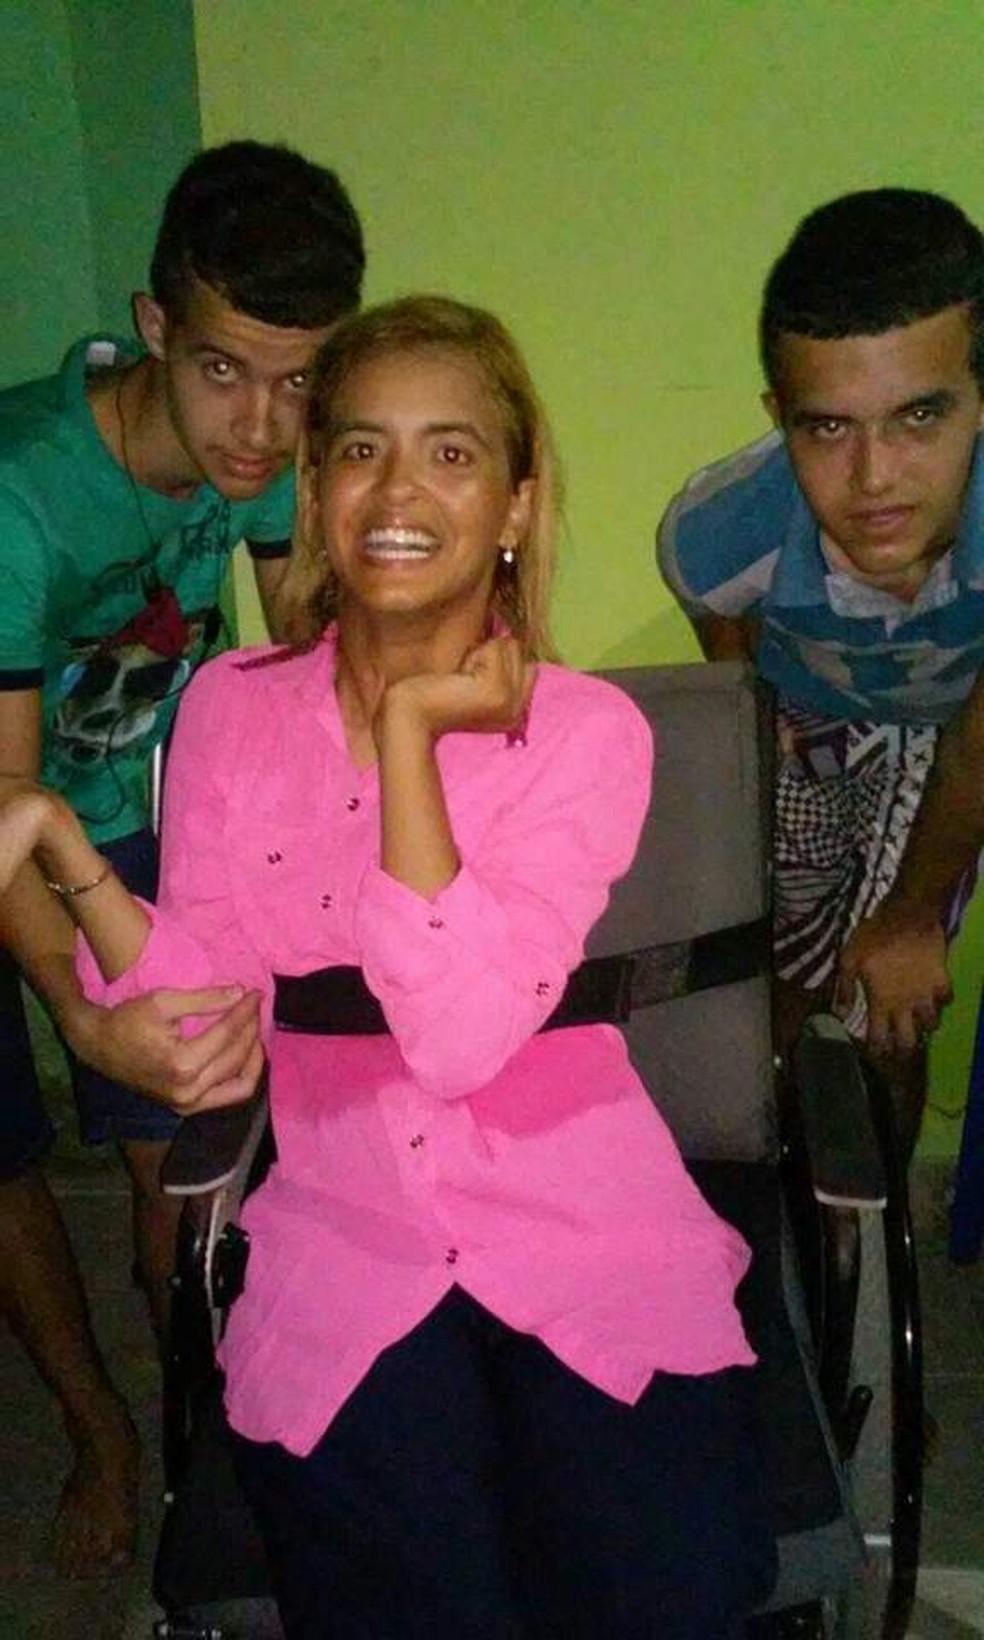 Suellen, moradora de Iguaba Grande (RJ), conta que seus irmãos, Daniel e Gabriel, têm dificuldades na escola mas ela e mãe se unem para ajudá-los — Foto: Suellen Carvalho / Arquivo Pessoal